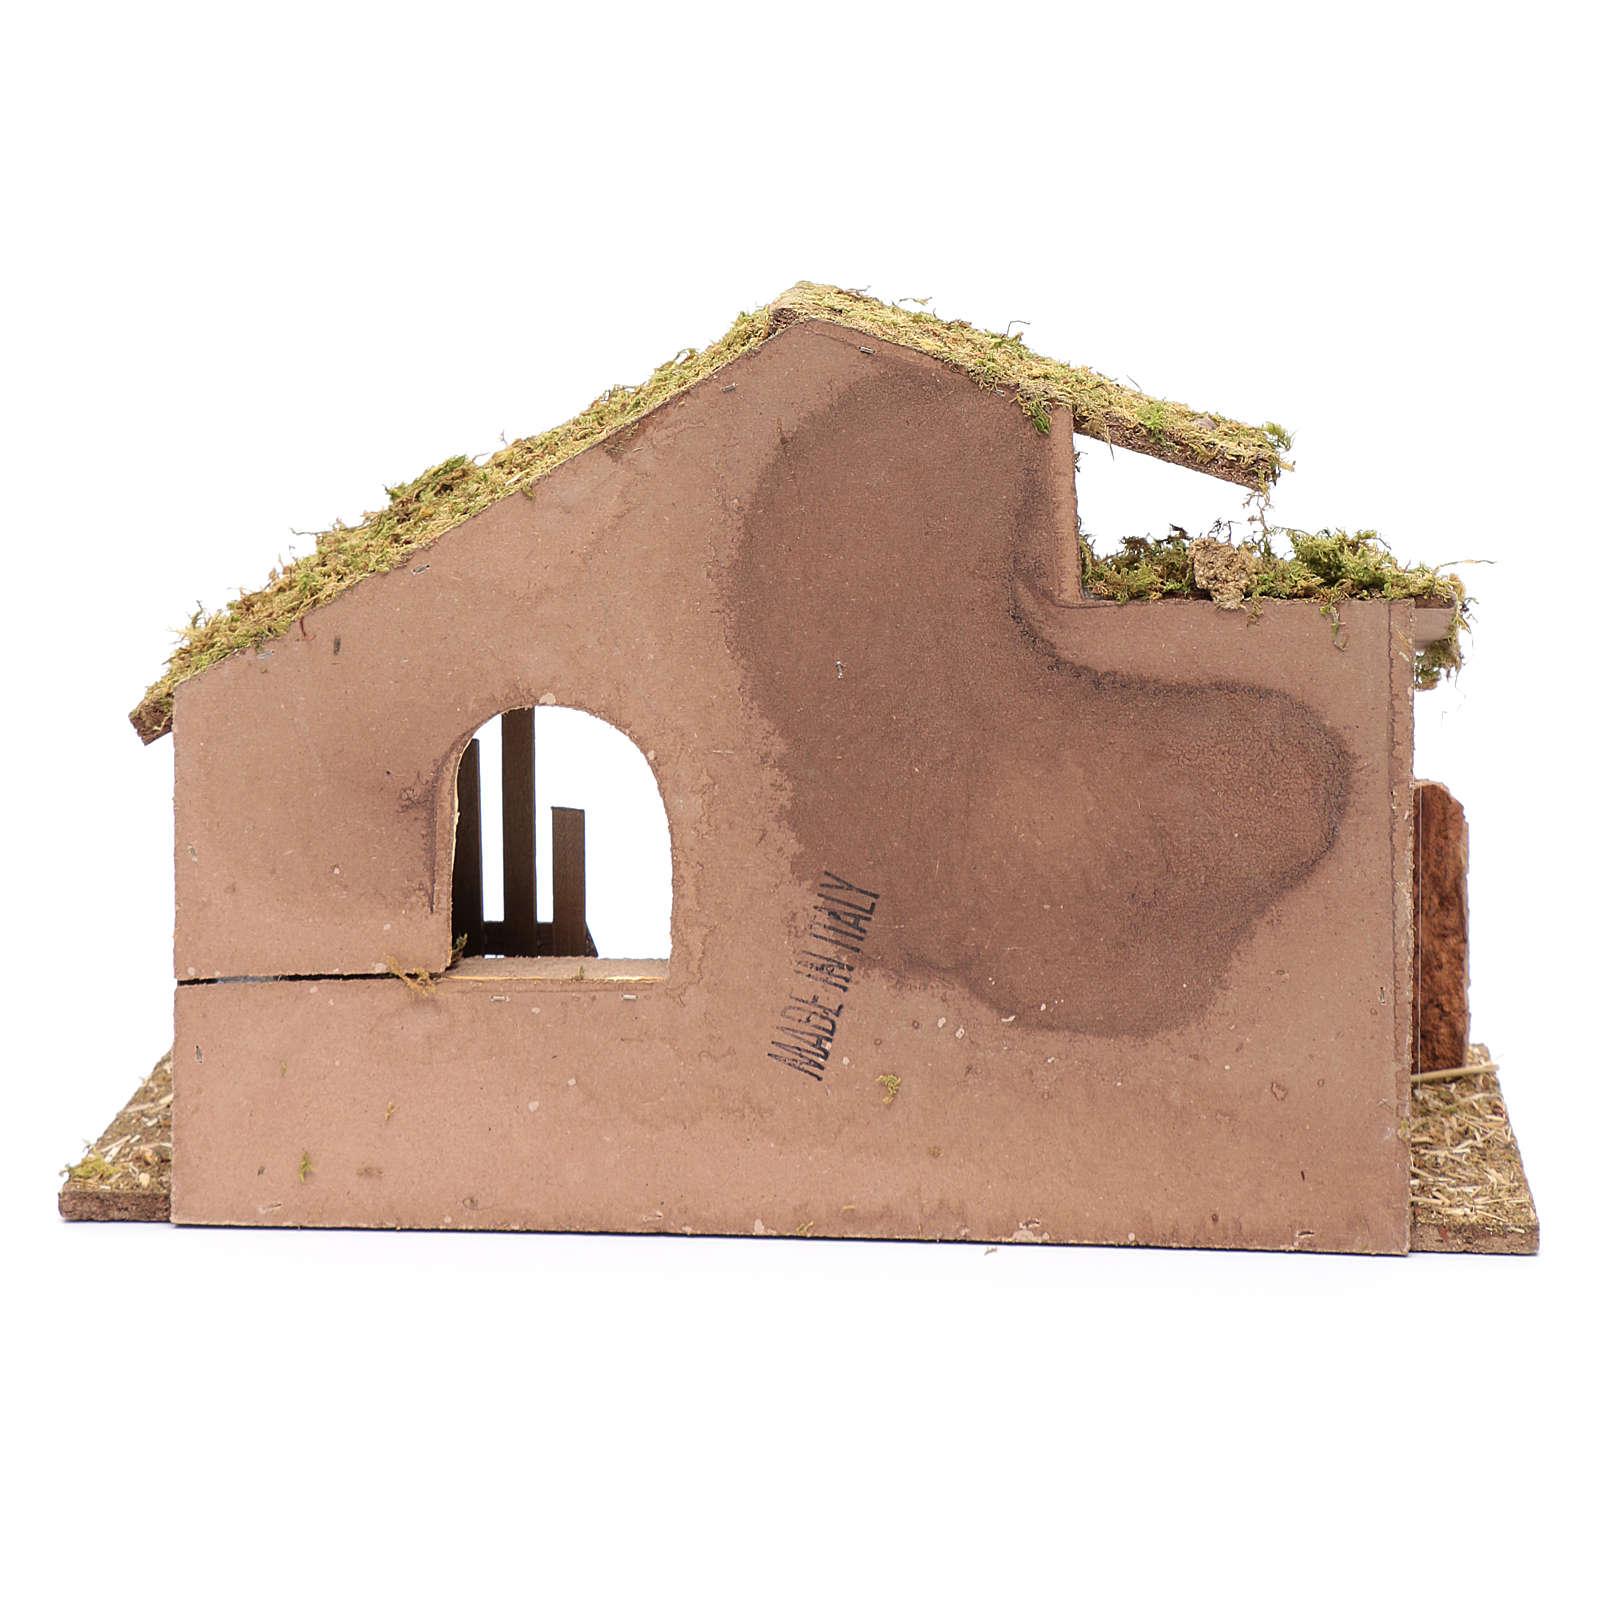 Cabane vide avec palissade 26,5x42x18 cm 4